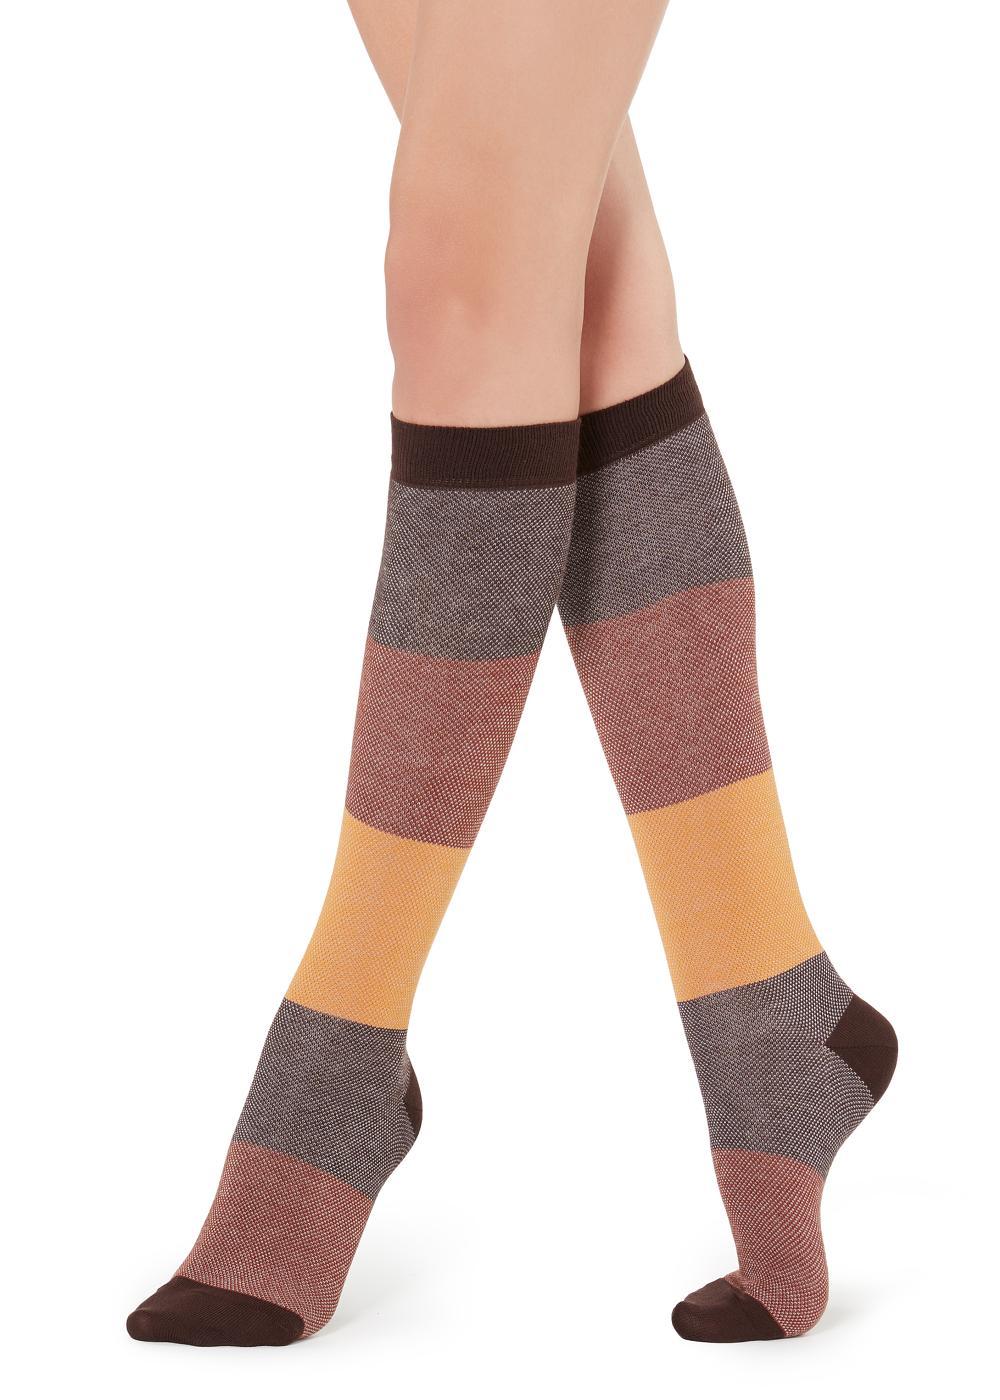 Long Patterned Socks